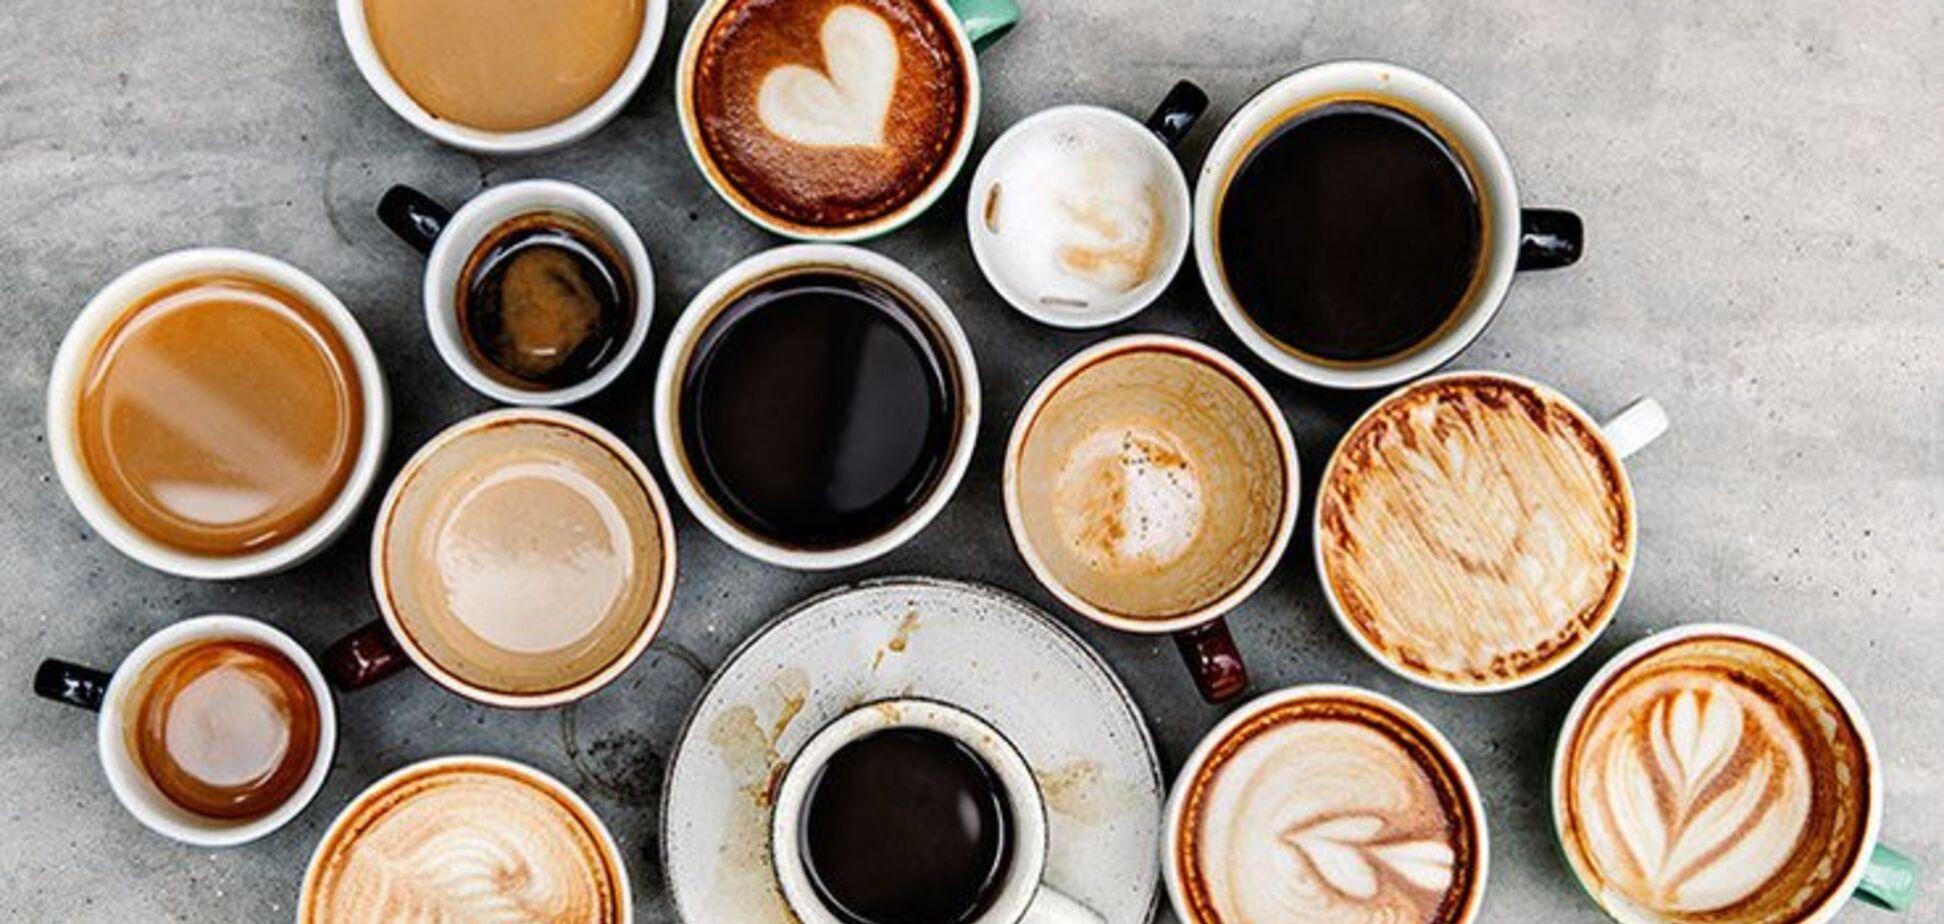 Кофе: сколько чашек можно выпить за день